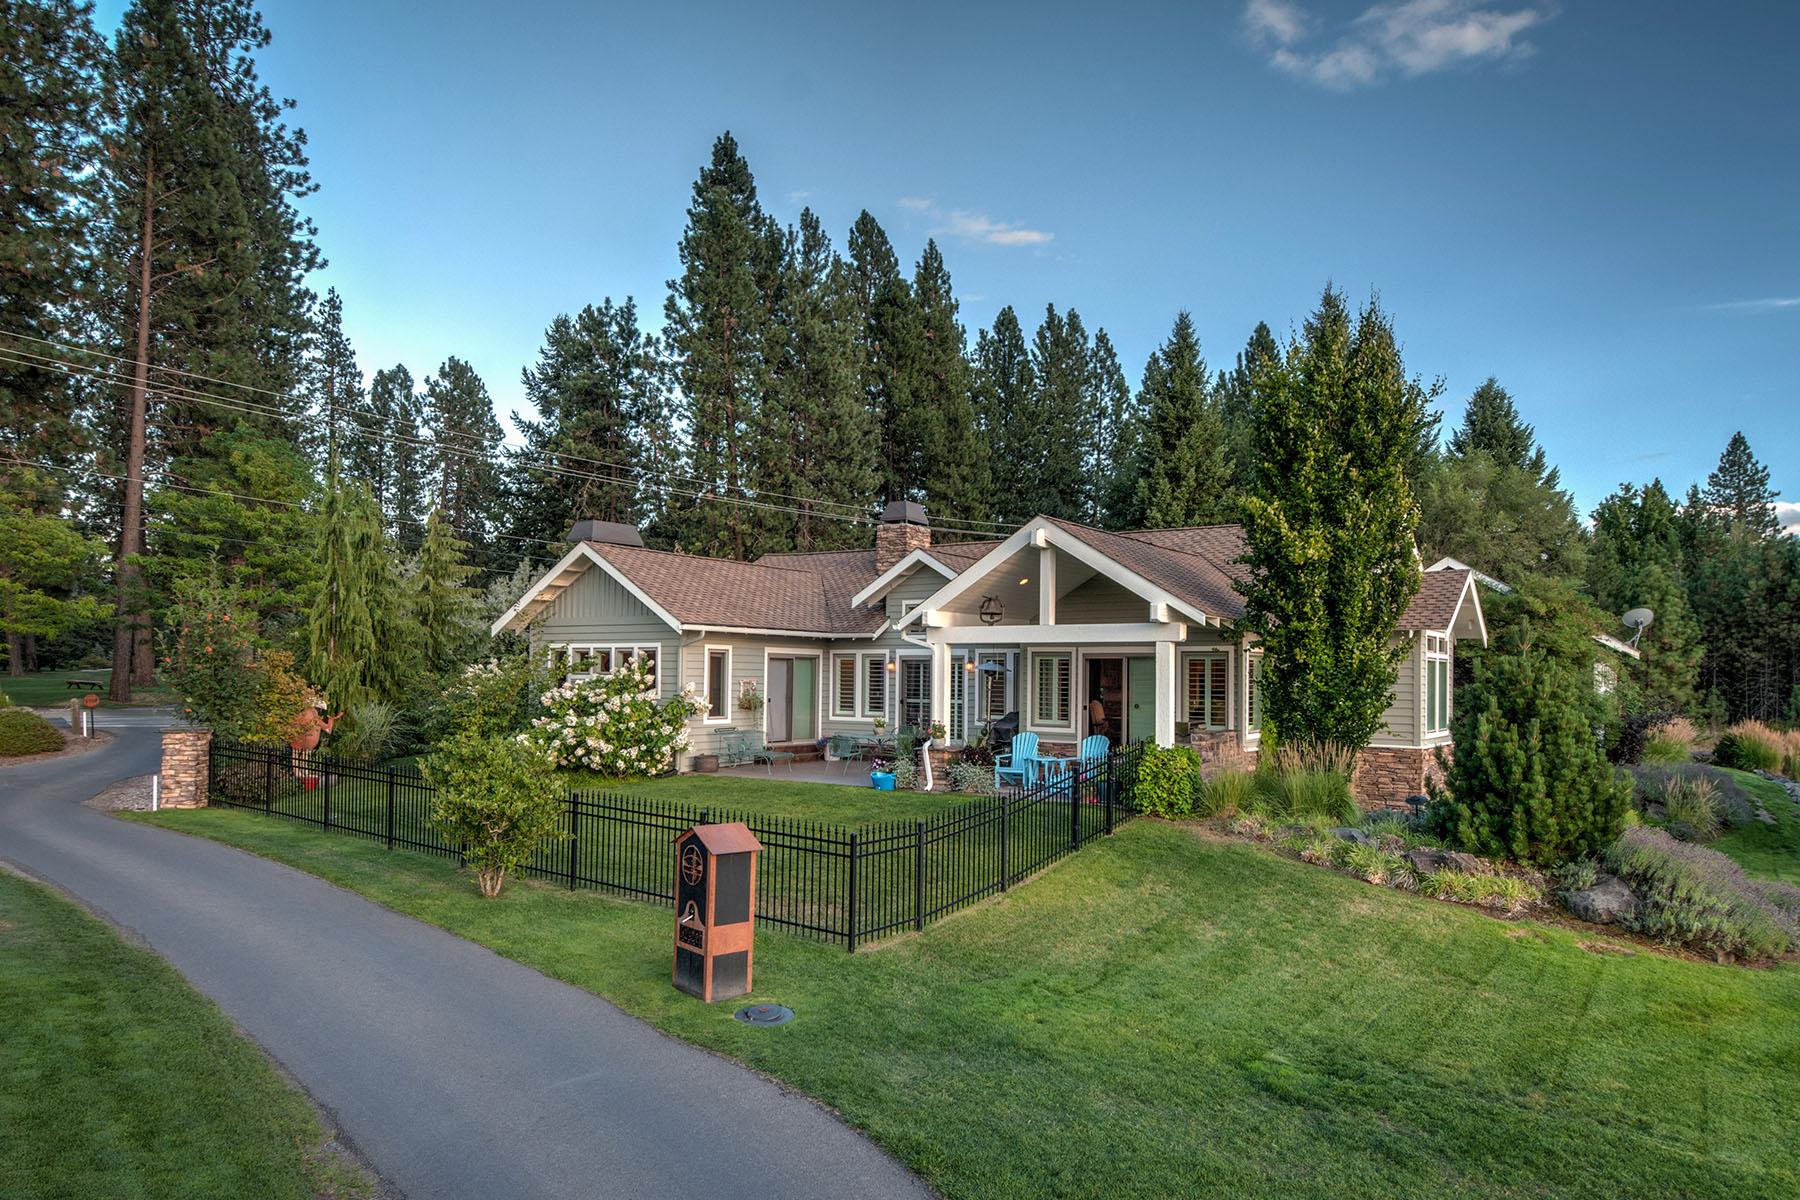 Casa Unifamiliar por un Venta en Hayden Lake CC Home 9925 N Country Club Dr Hayden Lake, Idaho, 83835 Estados Unidos